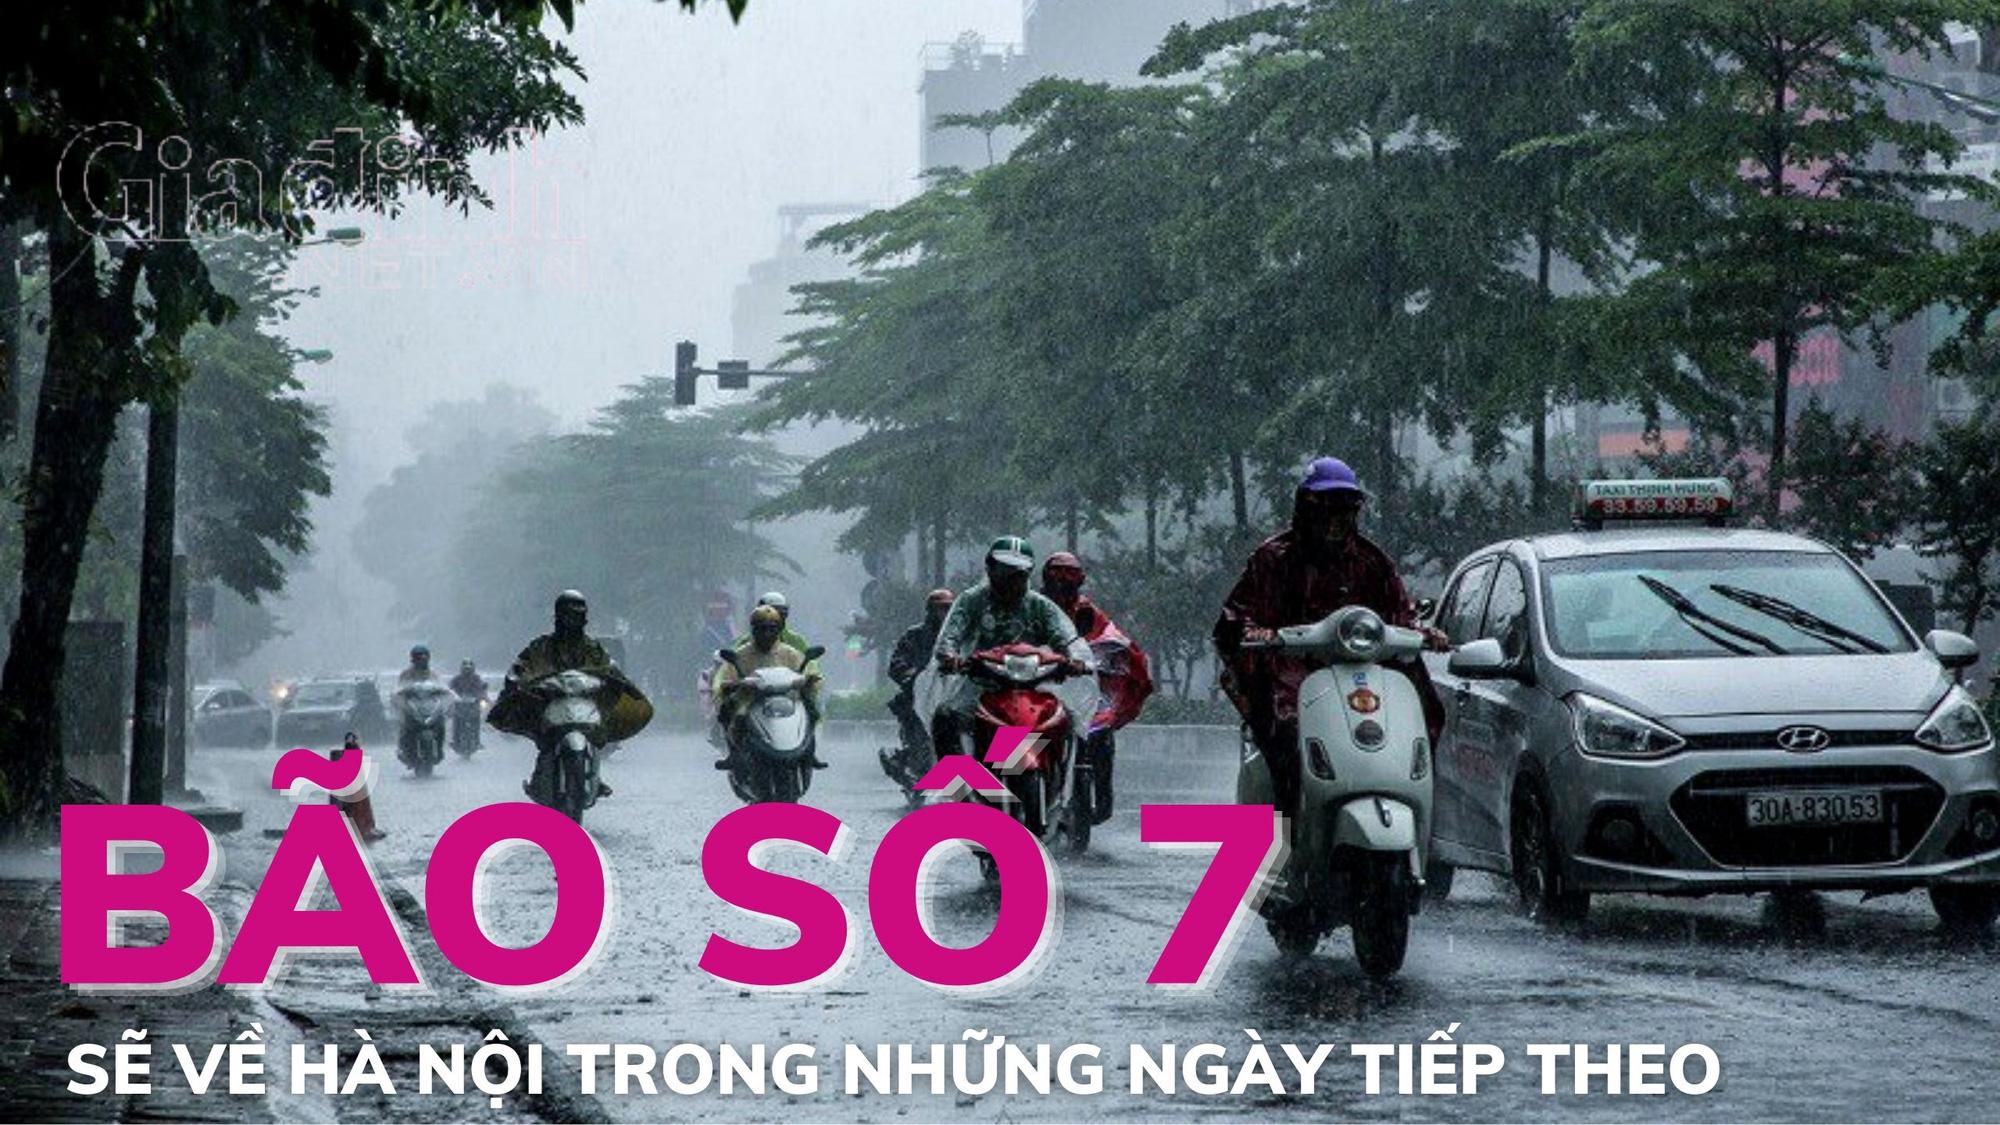 Bão số 7 sẽ về Hà Nội trong những ngày tiếp theo